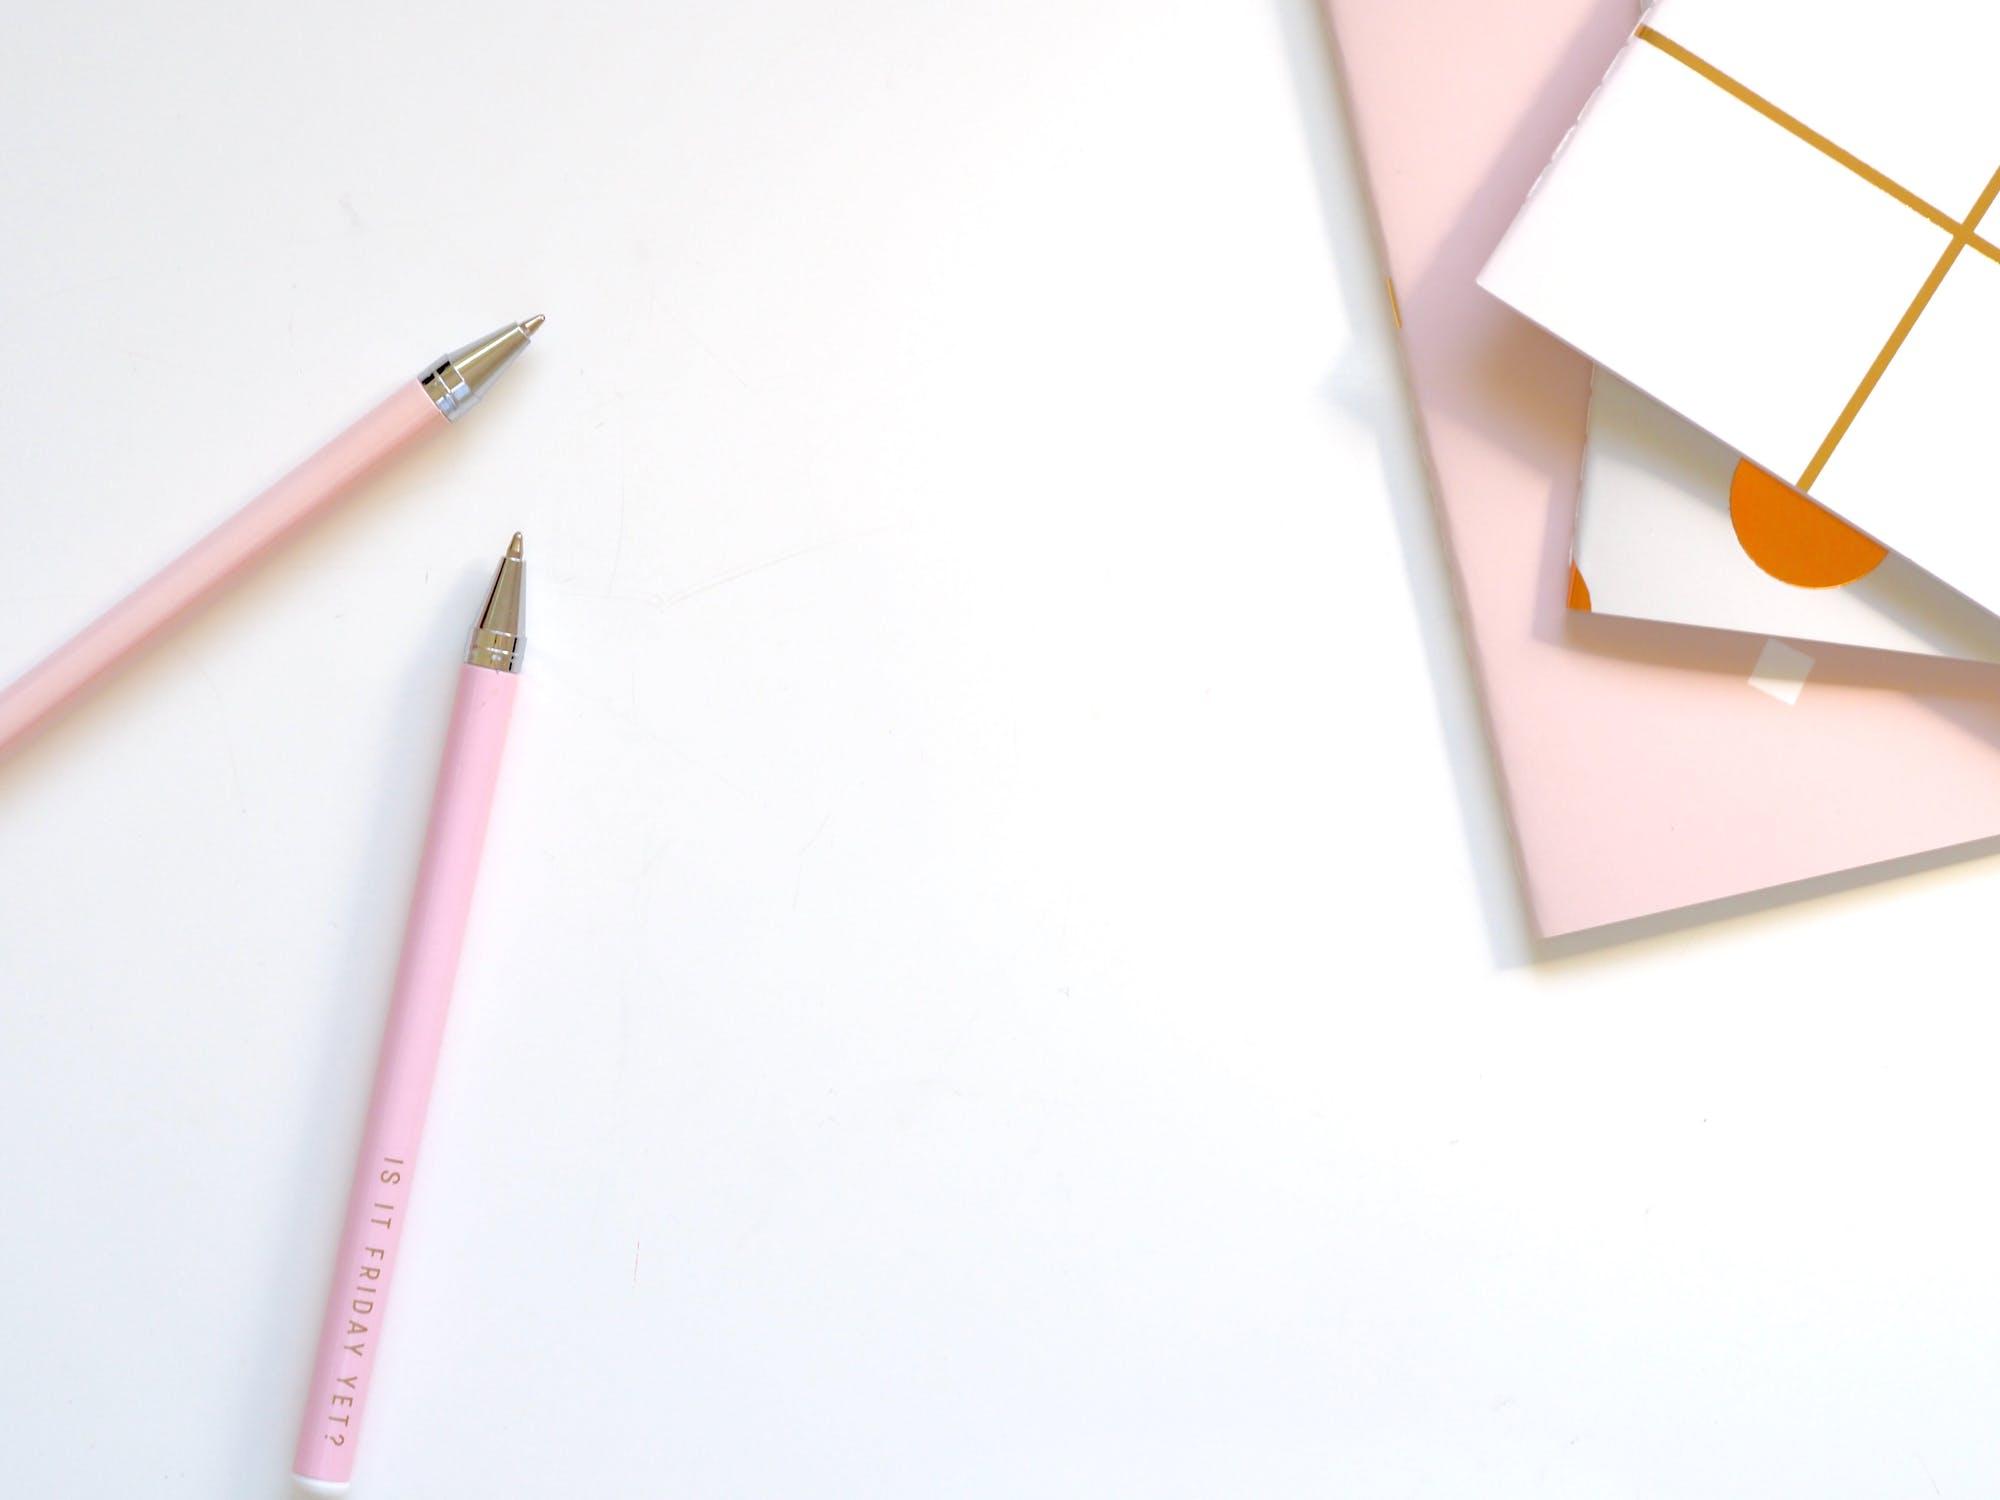 【完全版】幼稚園教諭の転職マニュアル!時期やおすすめの転職先16選